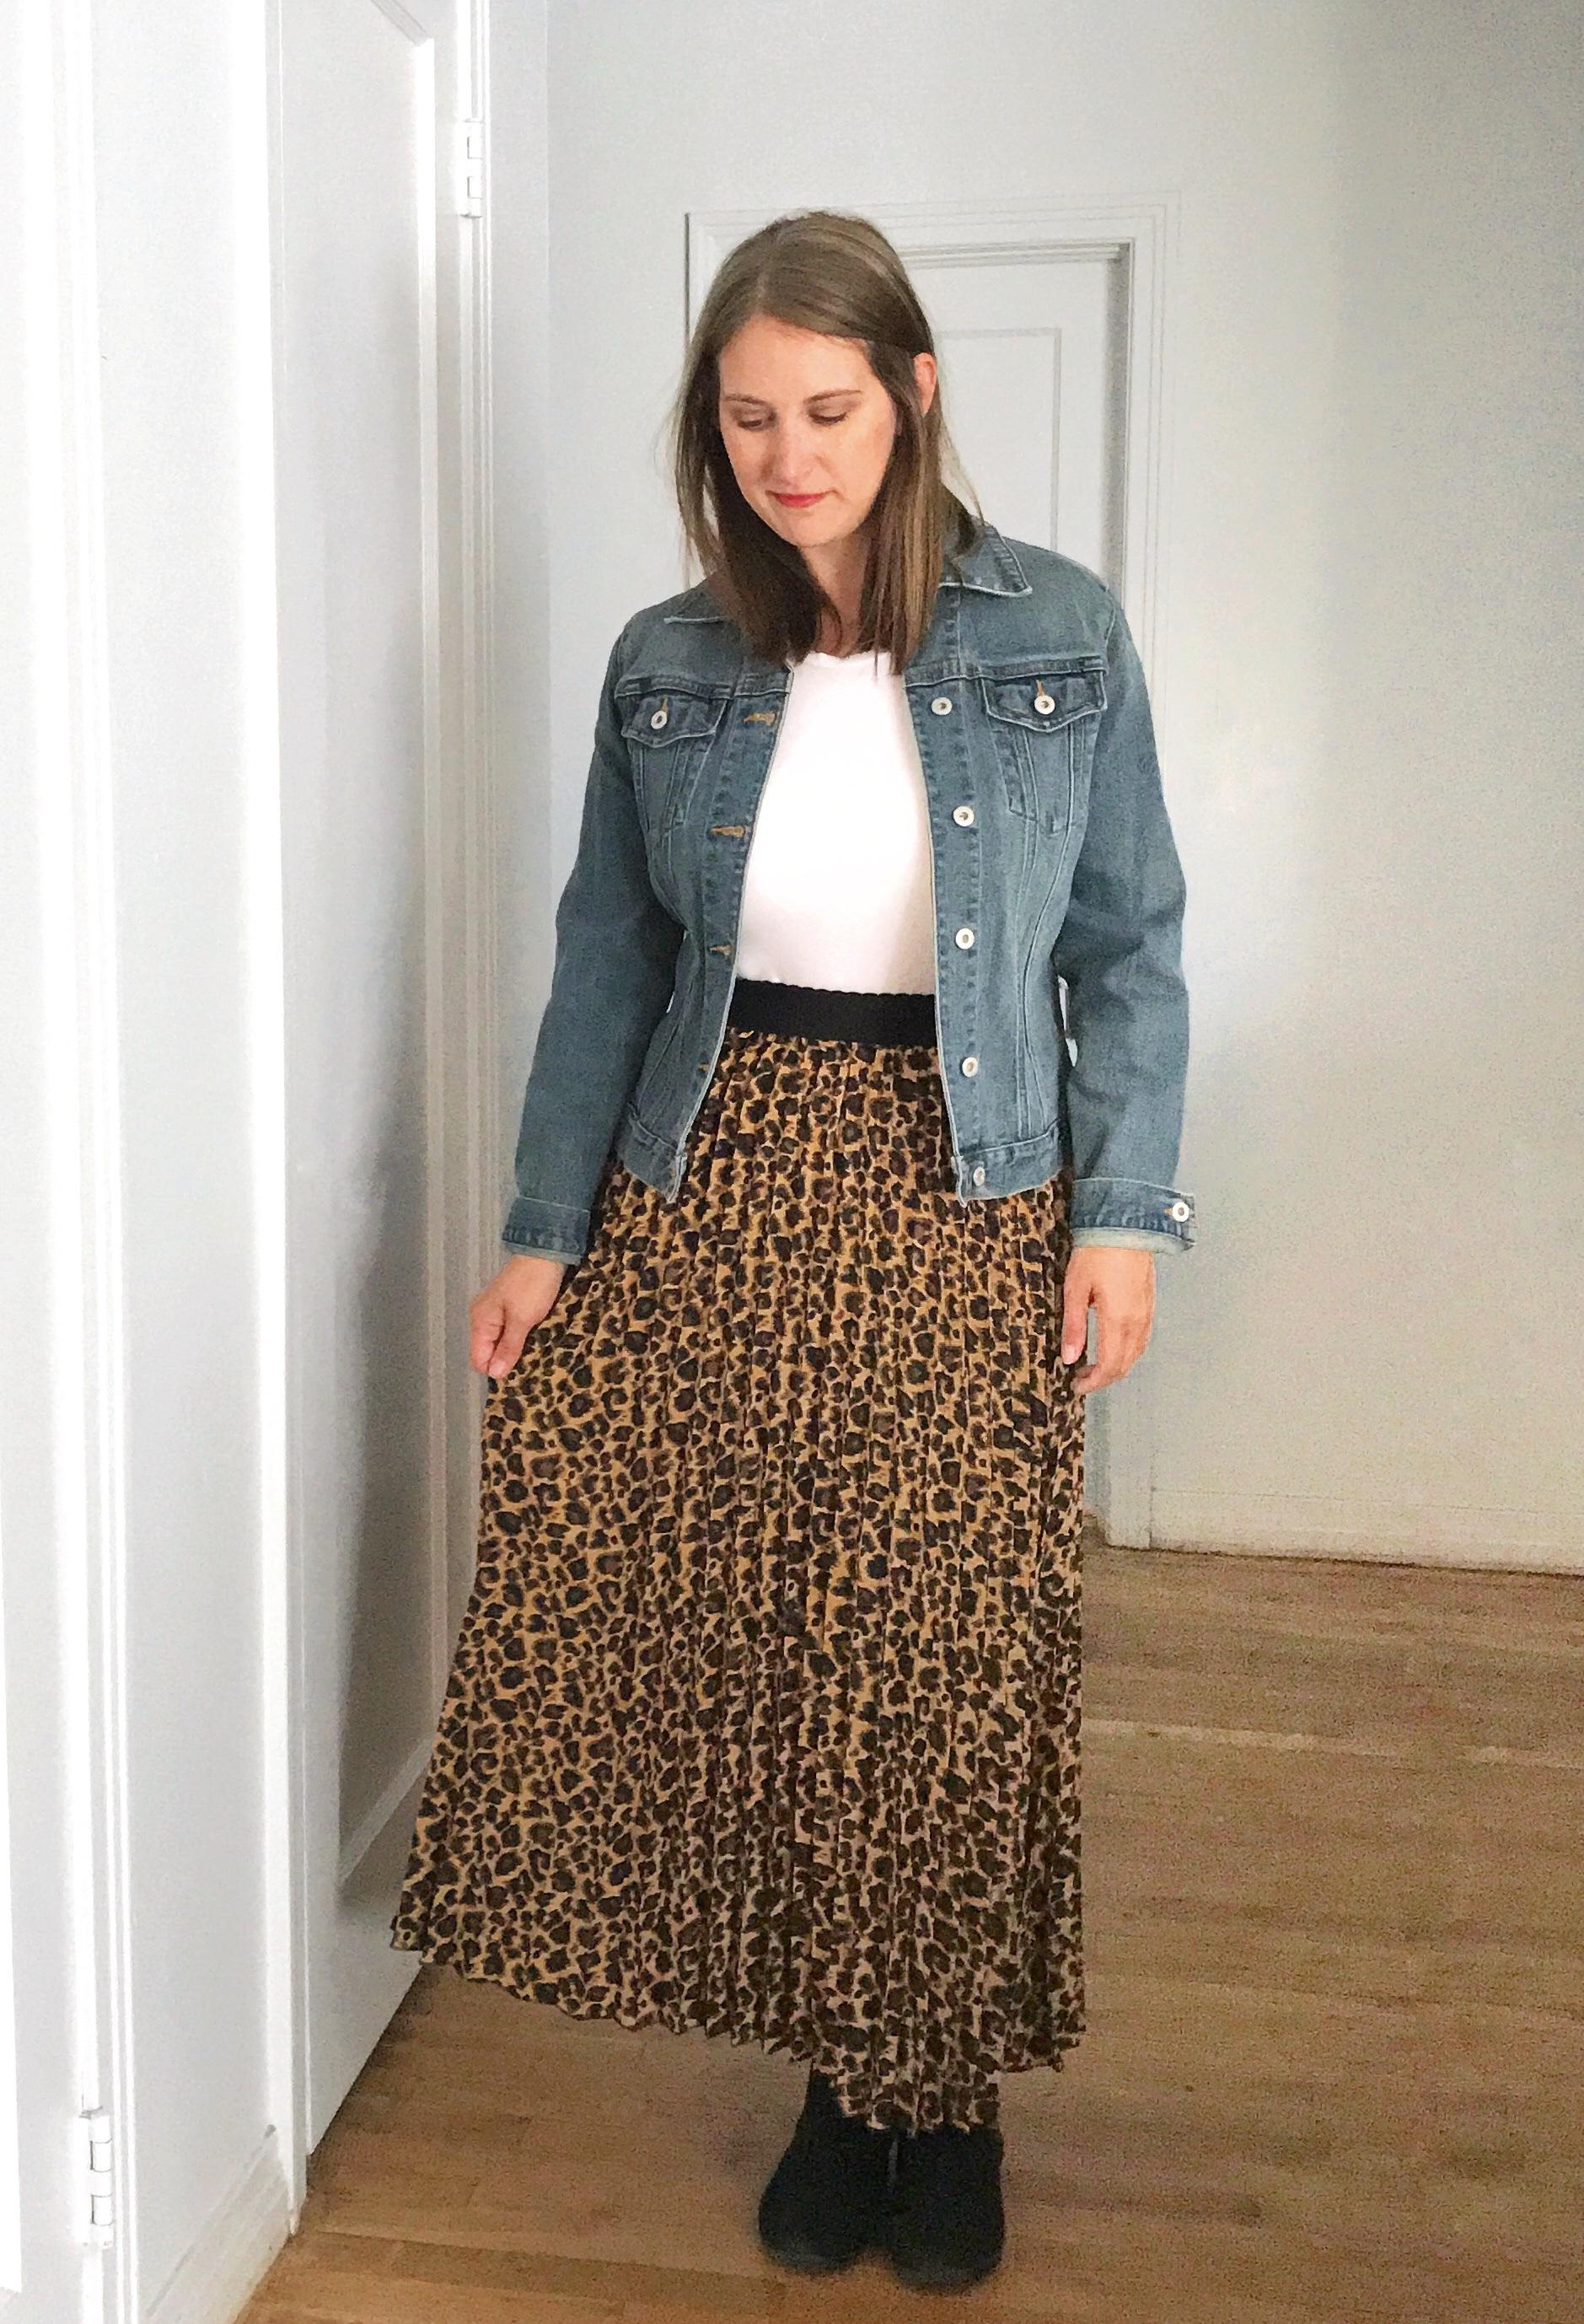 leopard skirt styling ideas - JK Style